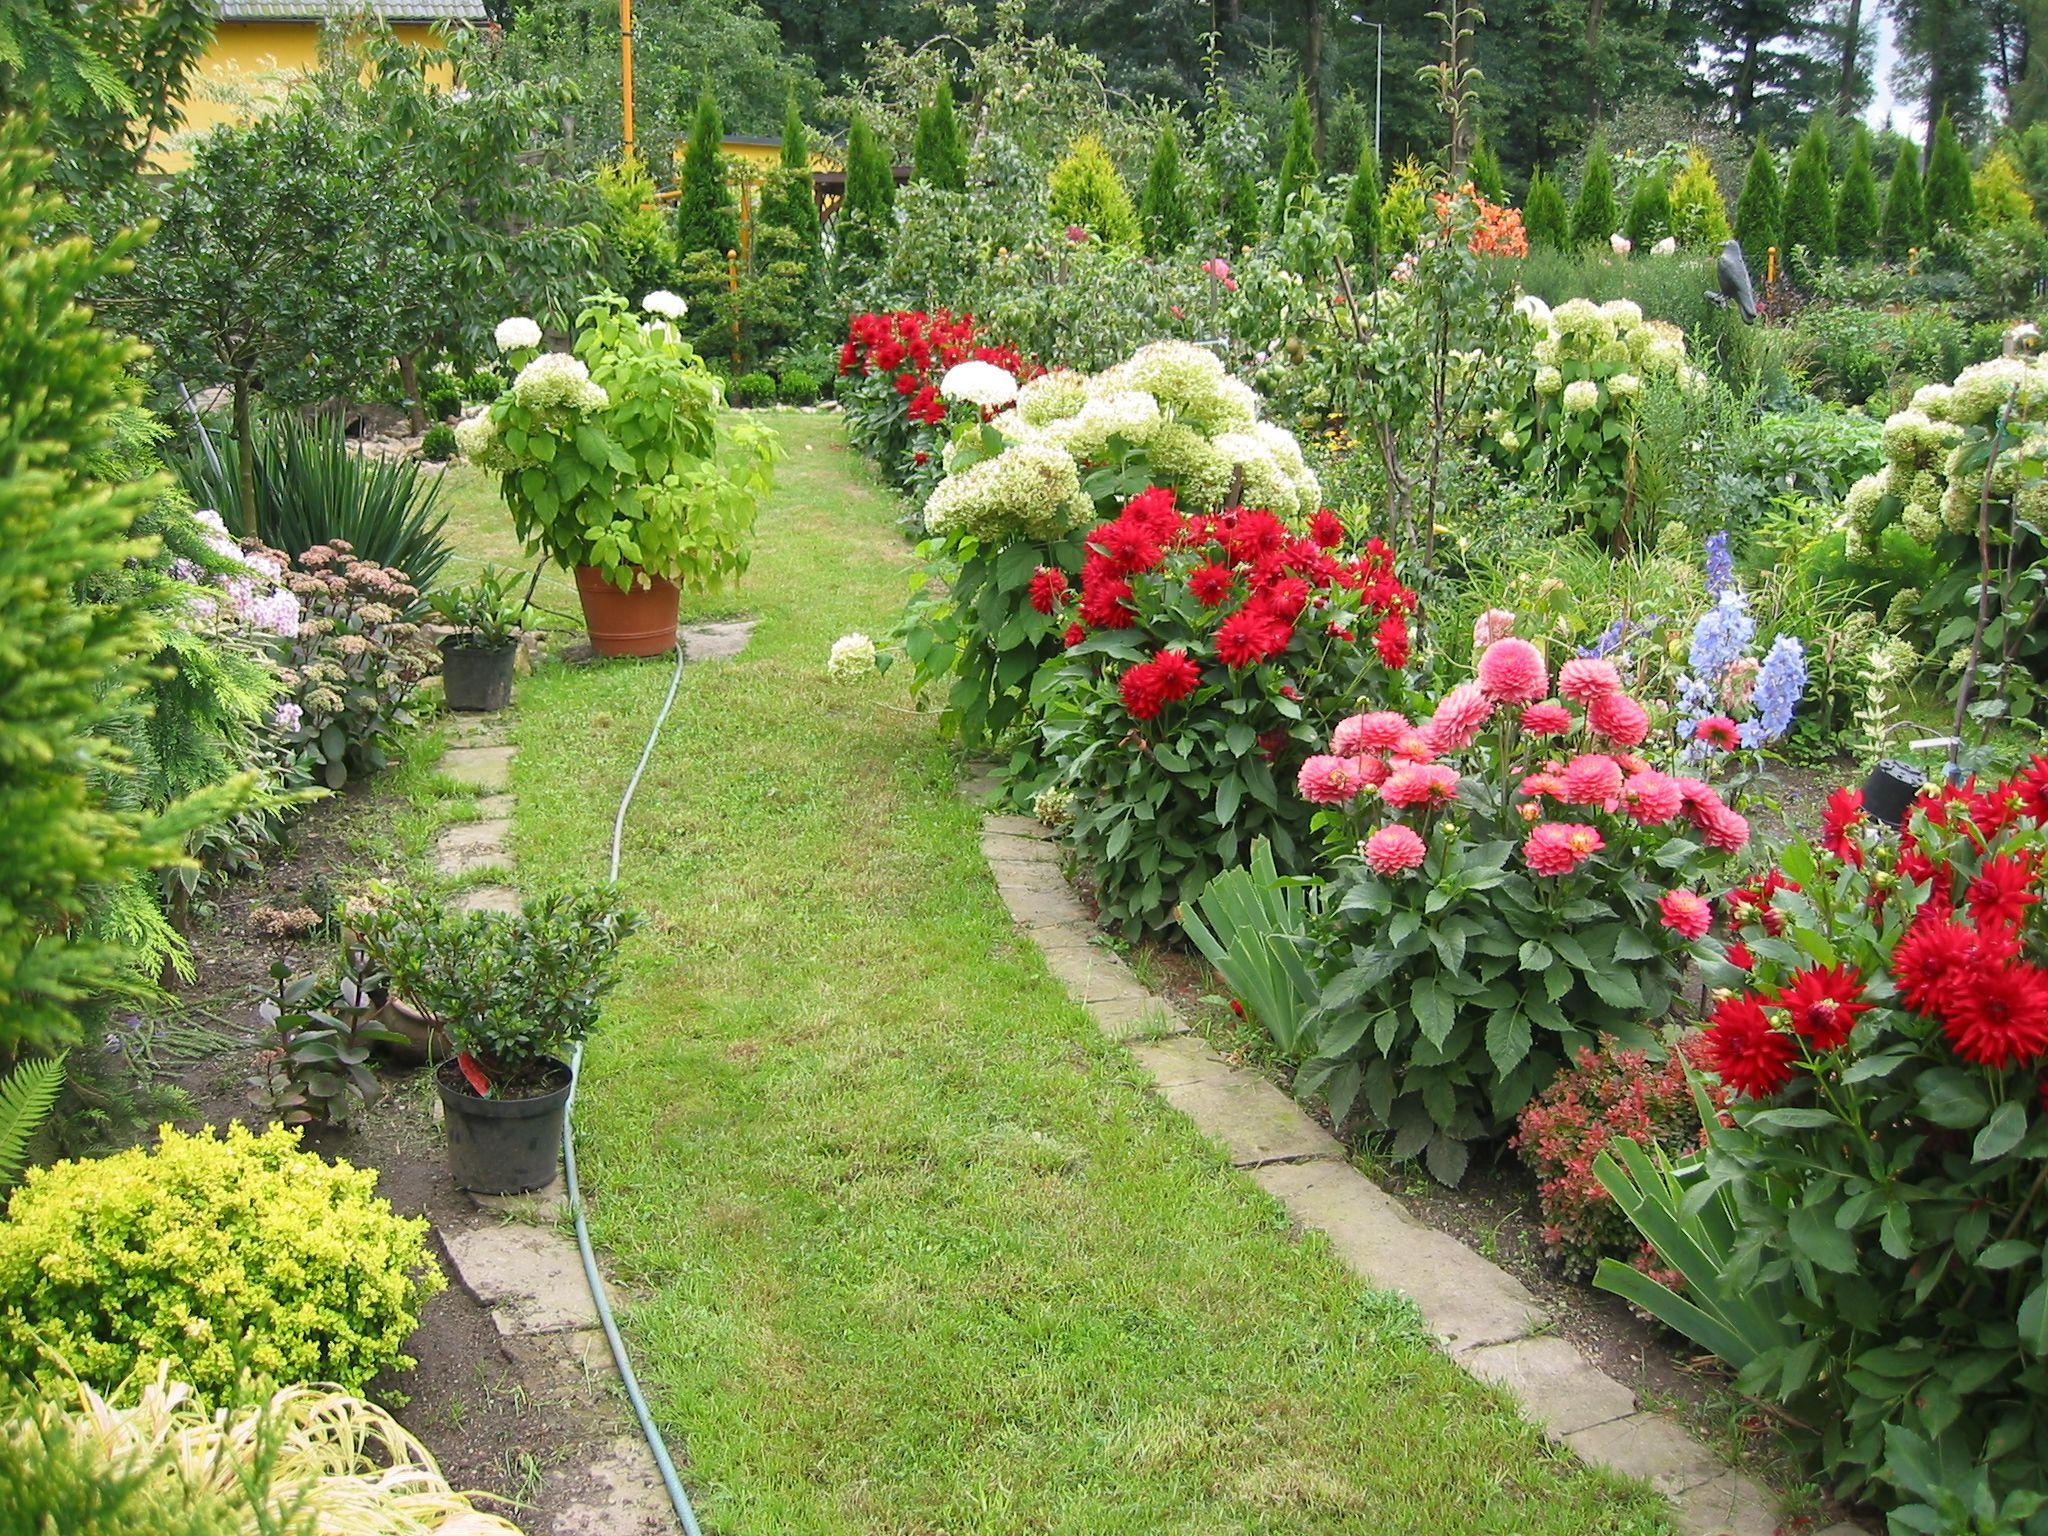 Pin By Helena Marszalek On Kwiaty Z Mojego Ogrodu Most Beautiful Flowers Garden Beautiful Flowers